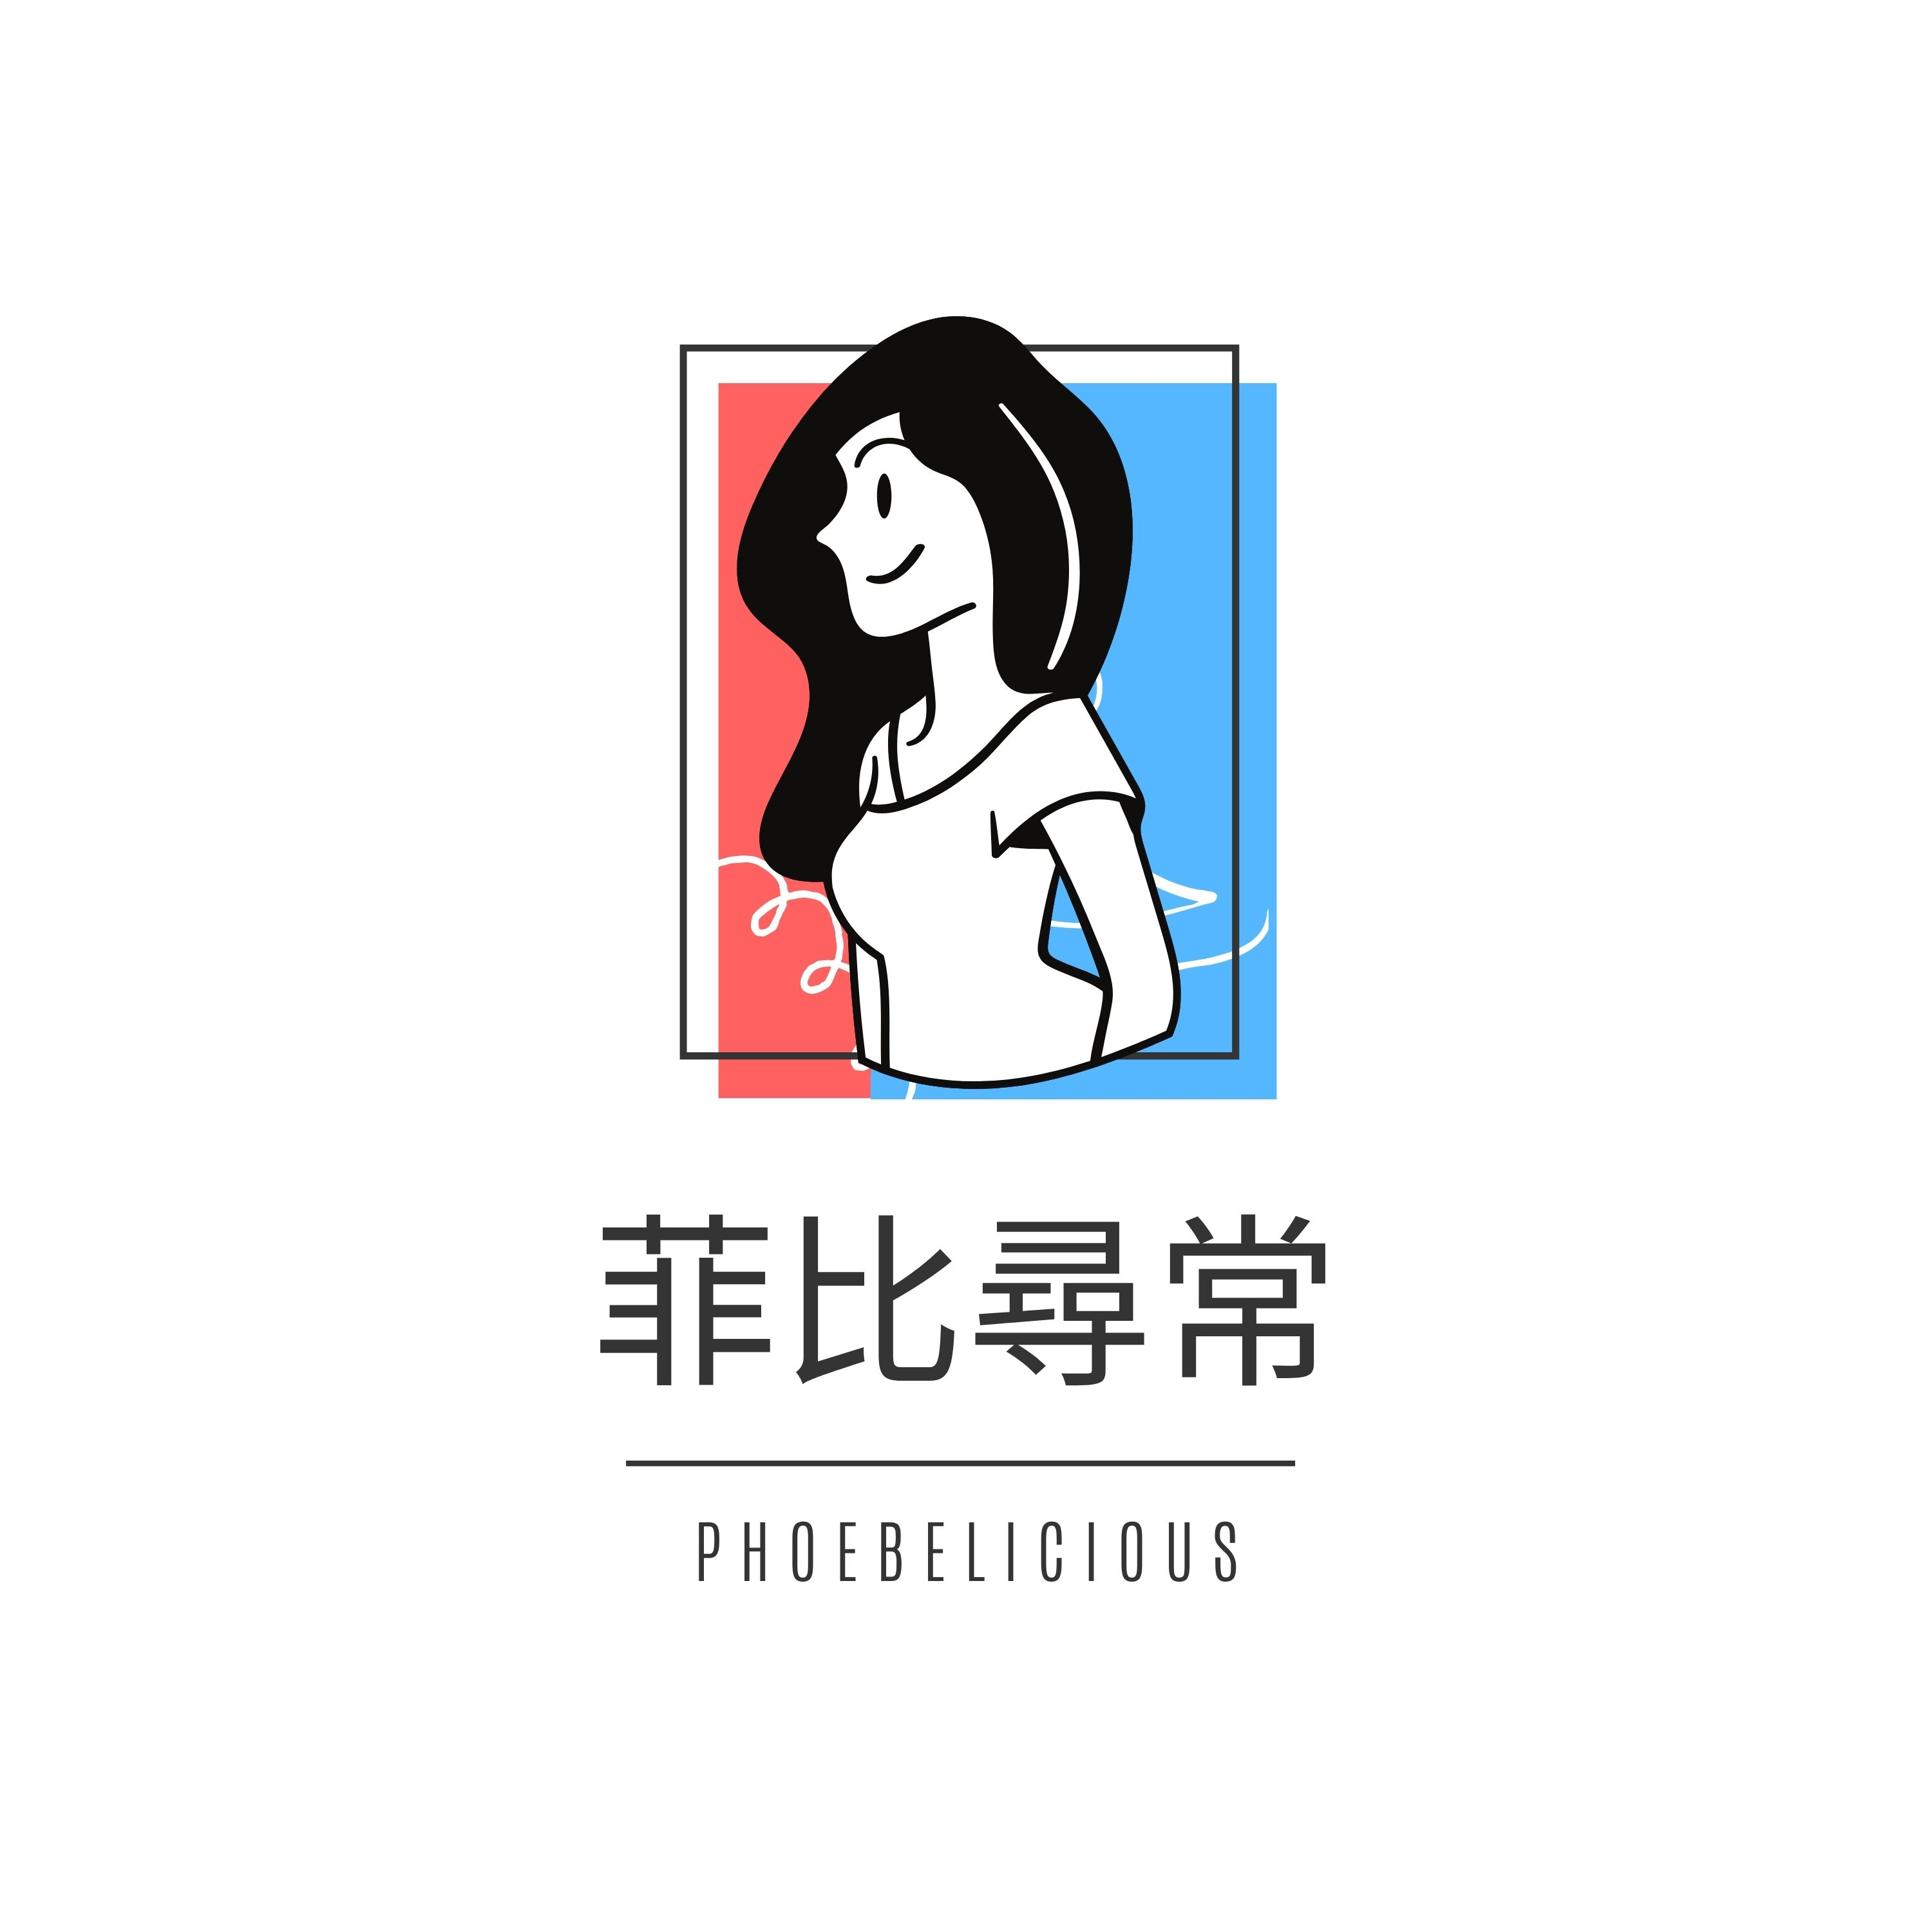 菲比尋常Phoebelicious